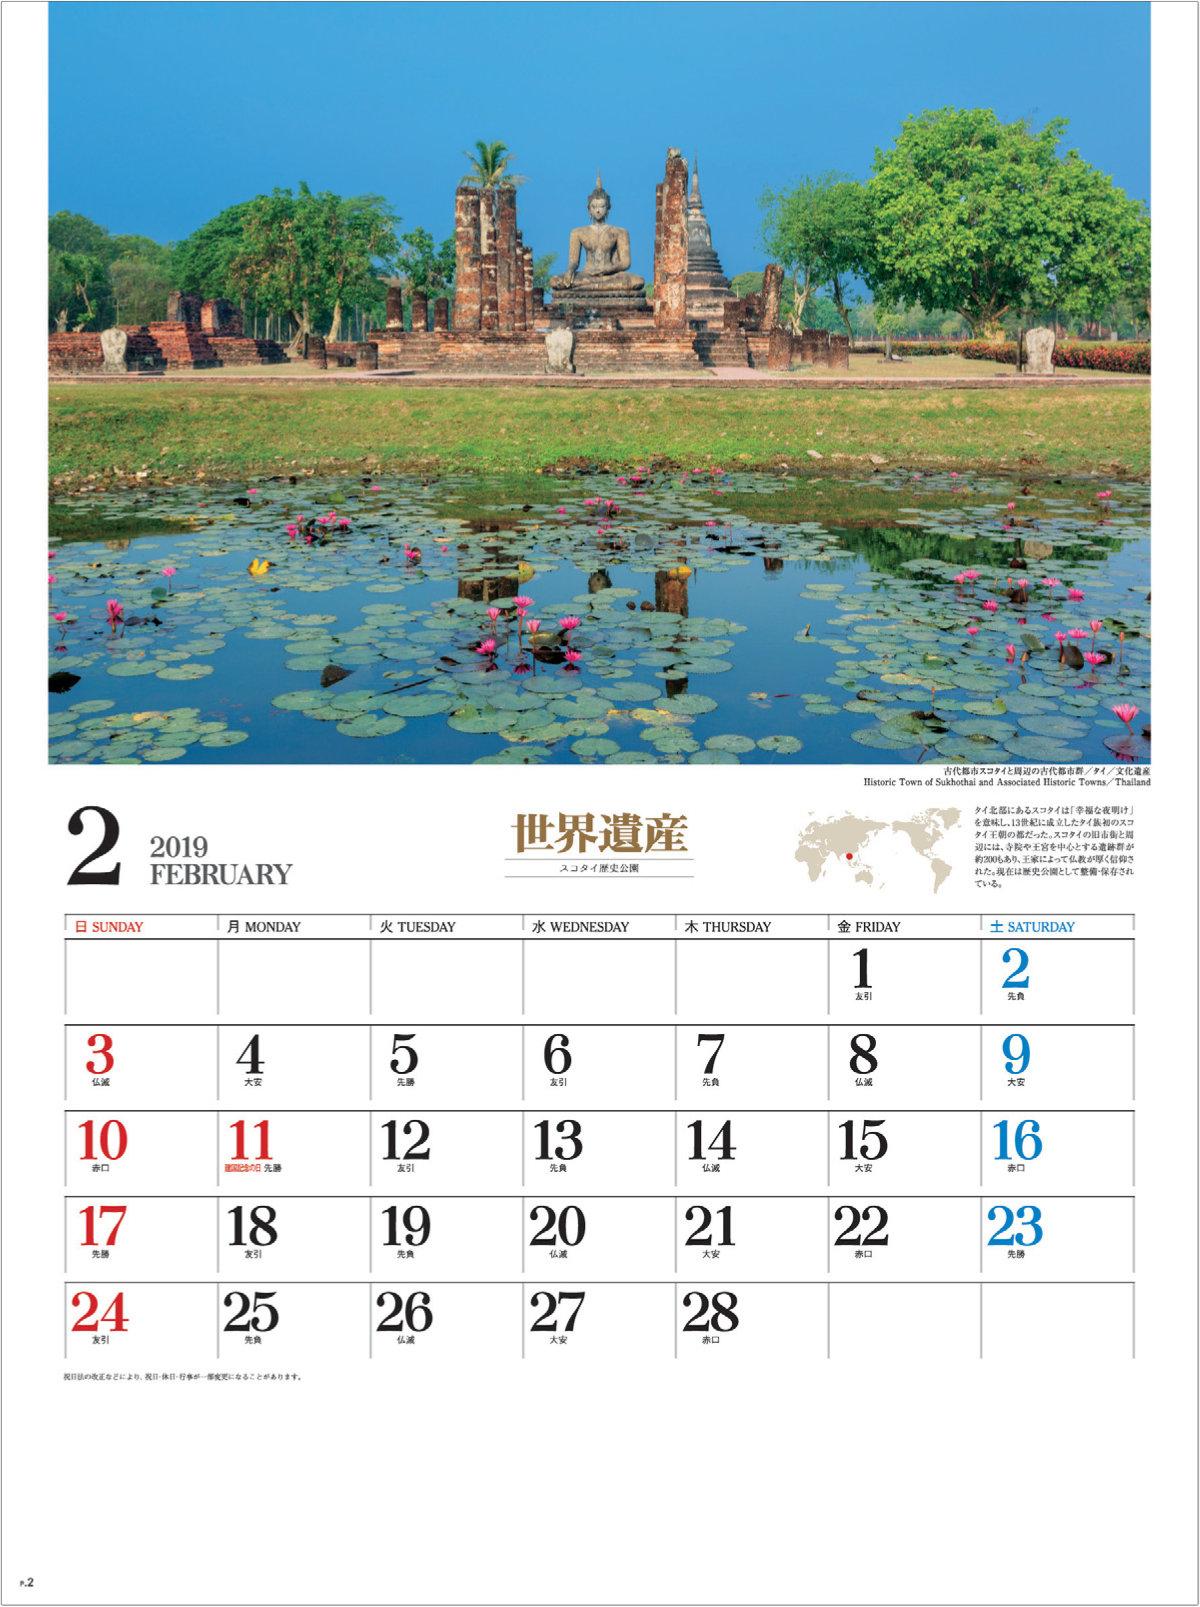 画像:タイの古代都市スコタイ ユネスコ世界遺産 2019年カレンダー